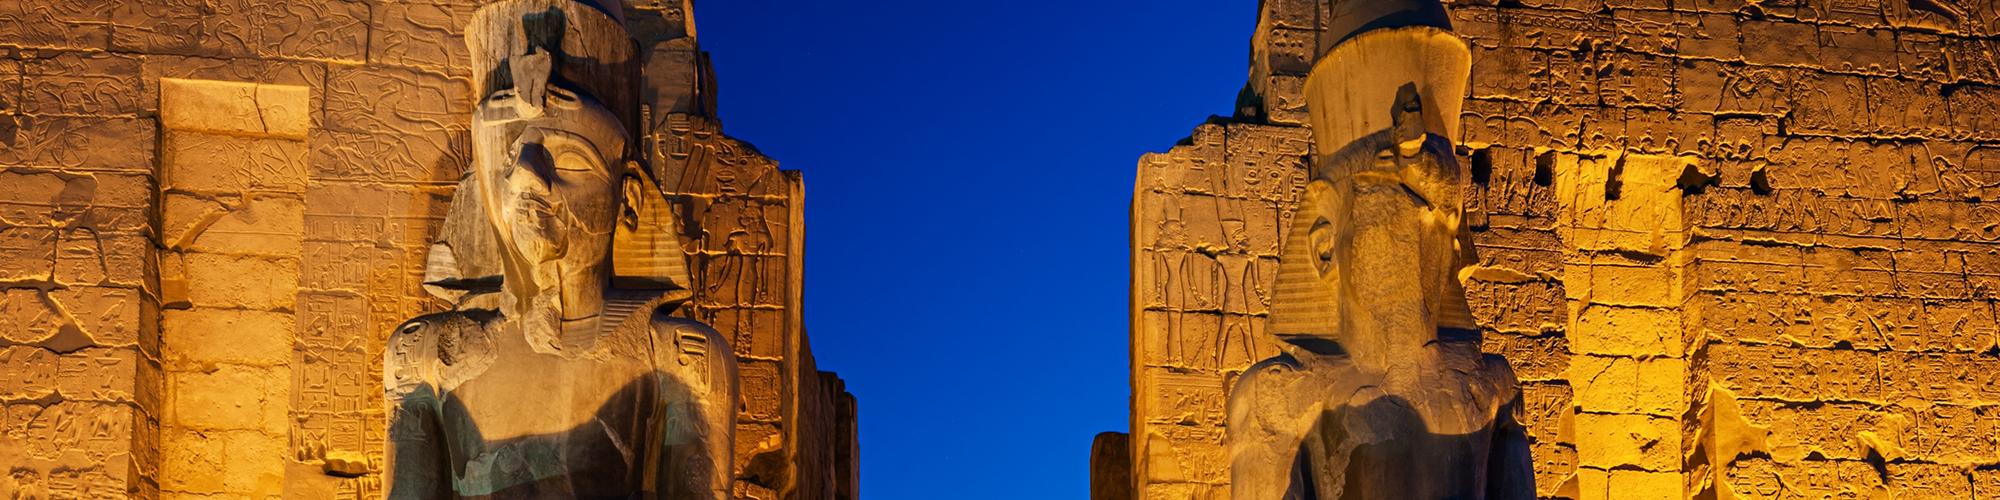 Eterno Egipto - El País Viajes